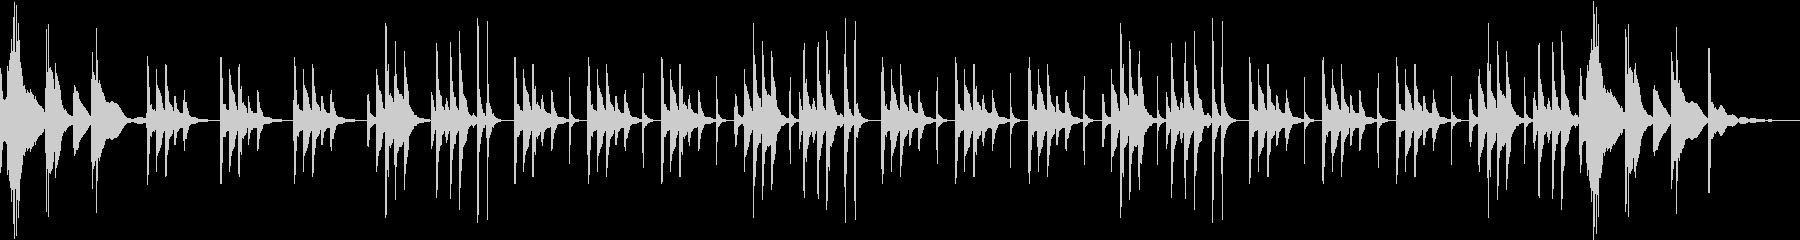 やさしく奏でられたハープのメロディの未再生の波形